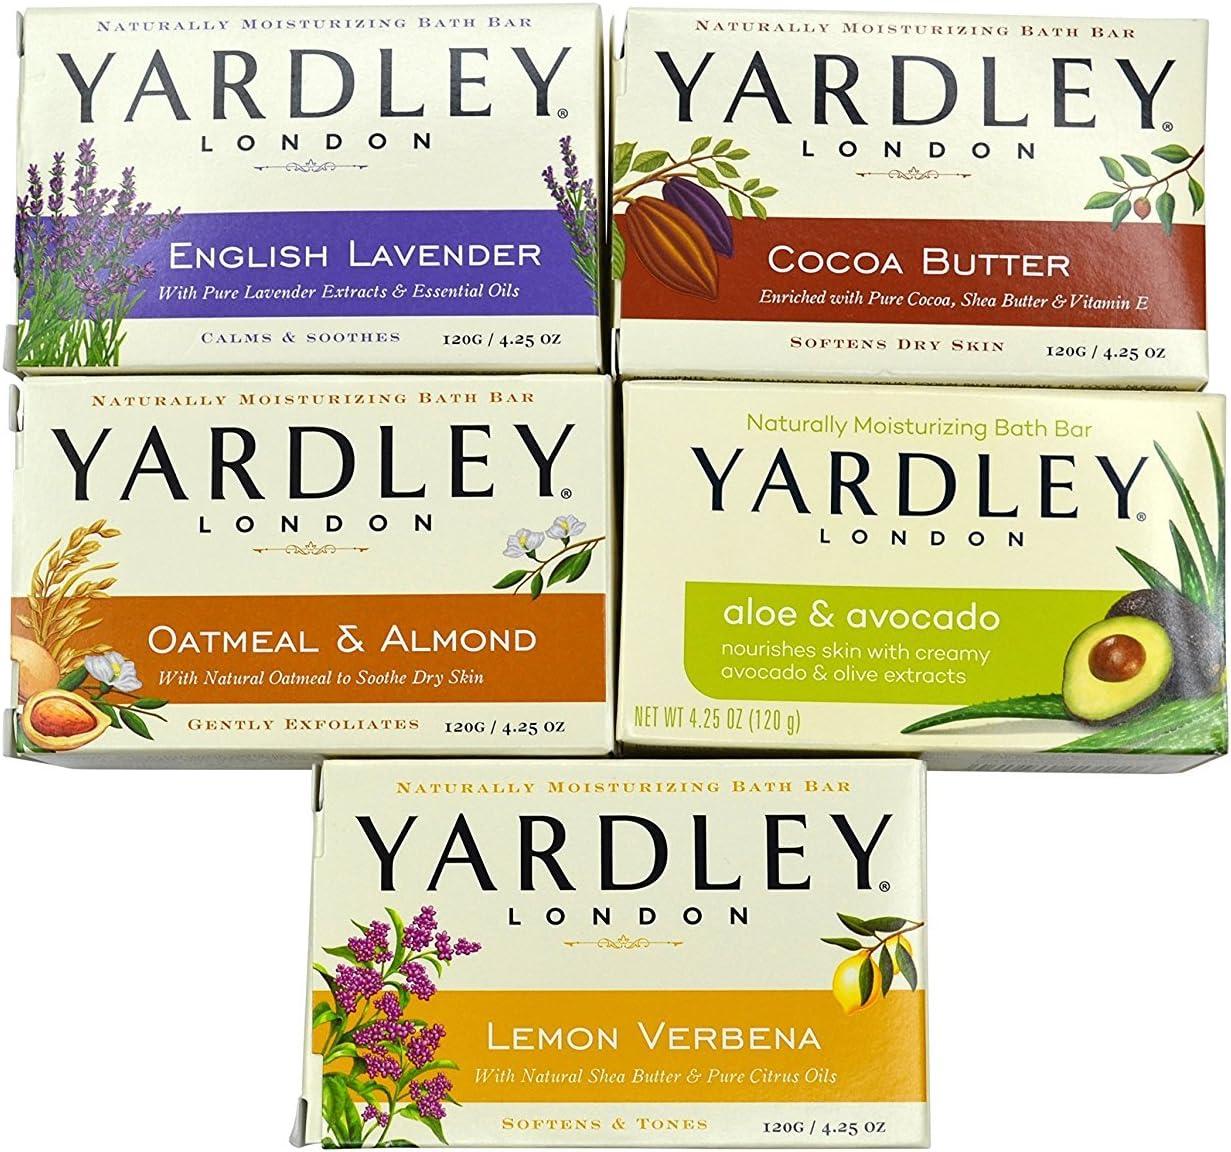 Yardley London Soap Bath Bar Bundle - 10 Bars: English Lavender, Oatmeal and Almond, Aloe and Avocado, Cocoa Butter, Lemon Verbena 4.25 Ounce Bars (Pack of 10 Bars, Two of each) : Beauty